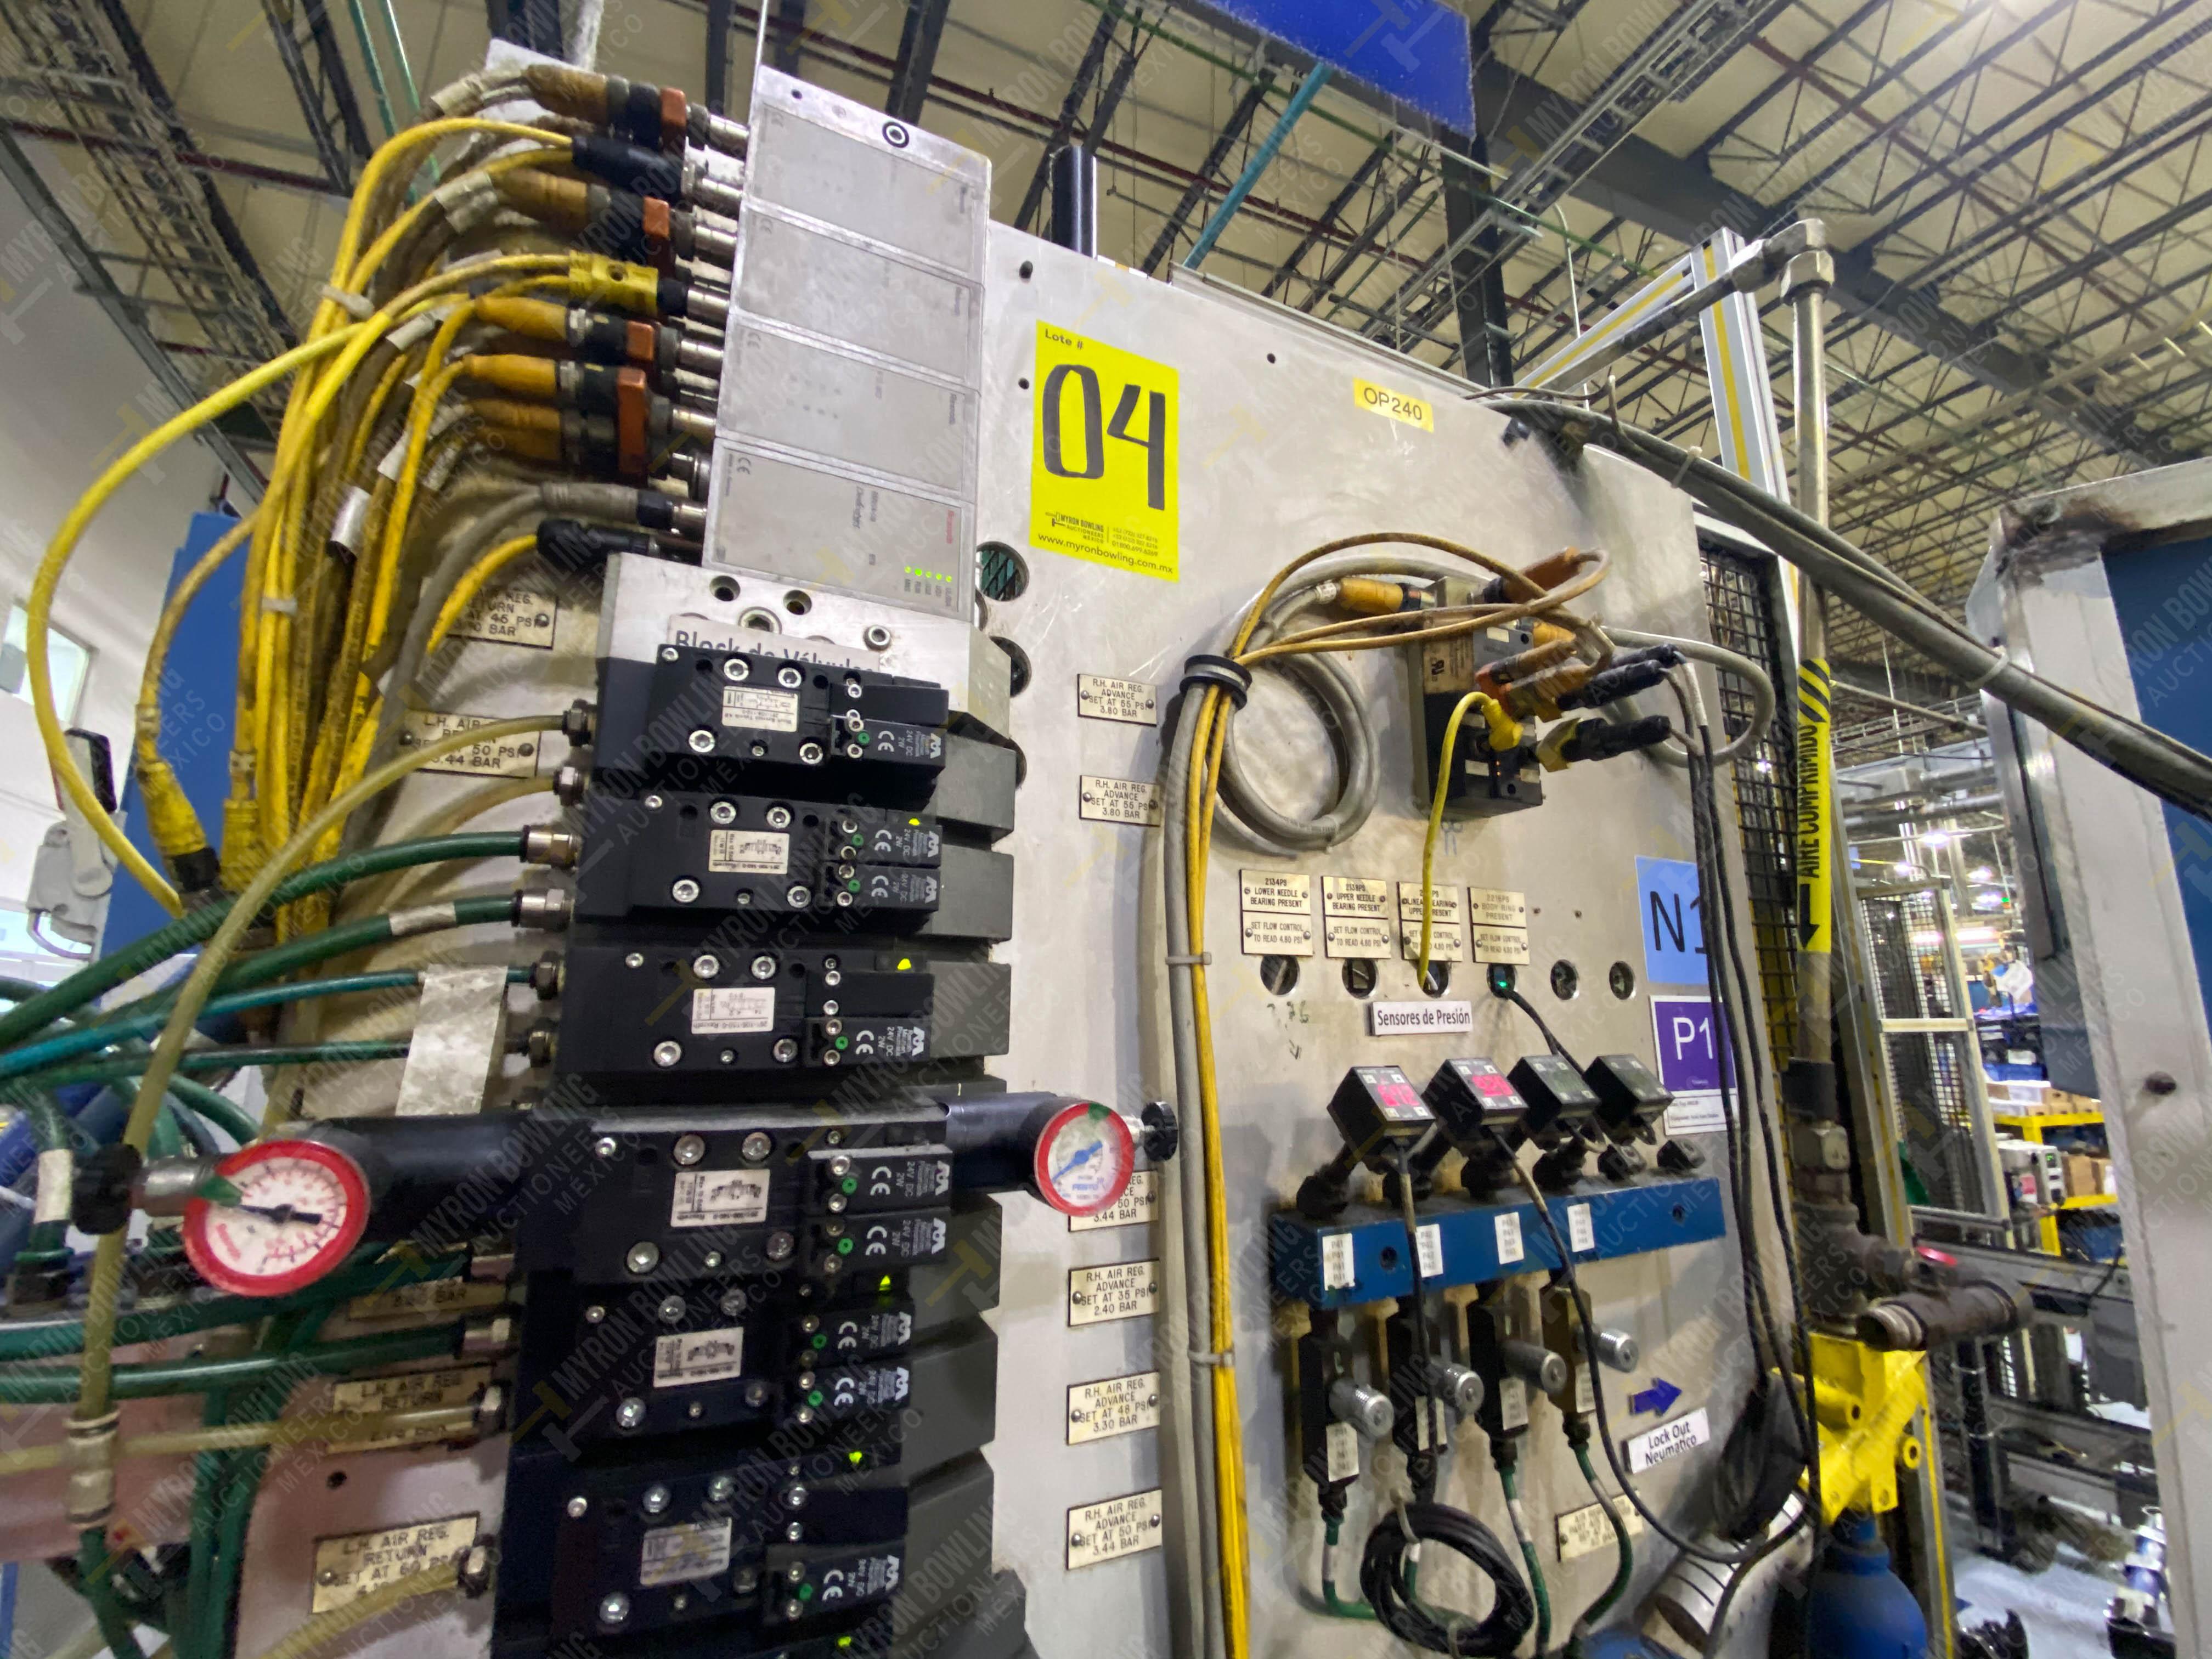 Estación semiautomática para operación 240A de ensamble de balero - Image 12 of 29